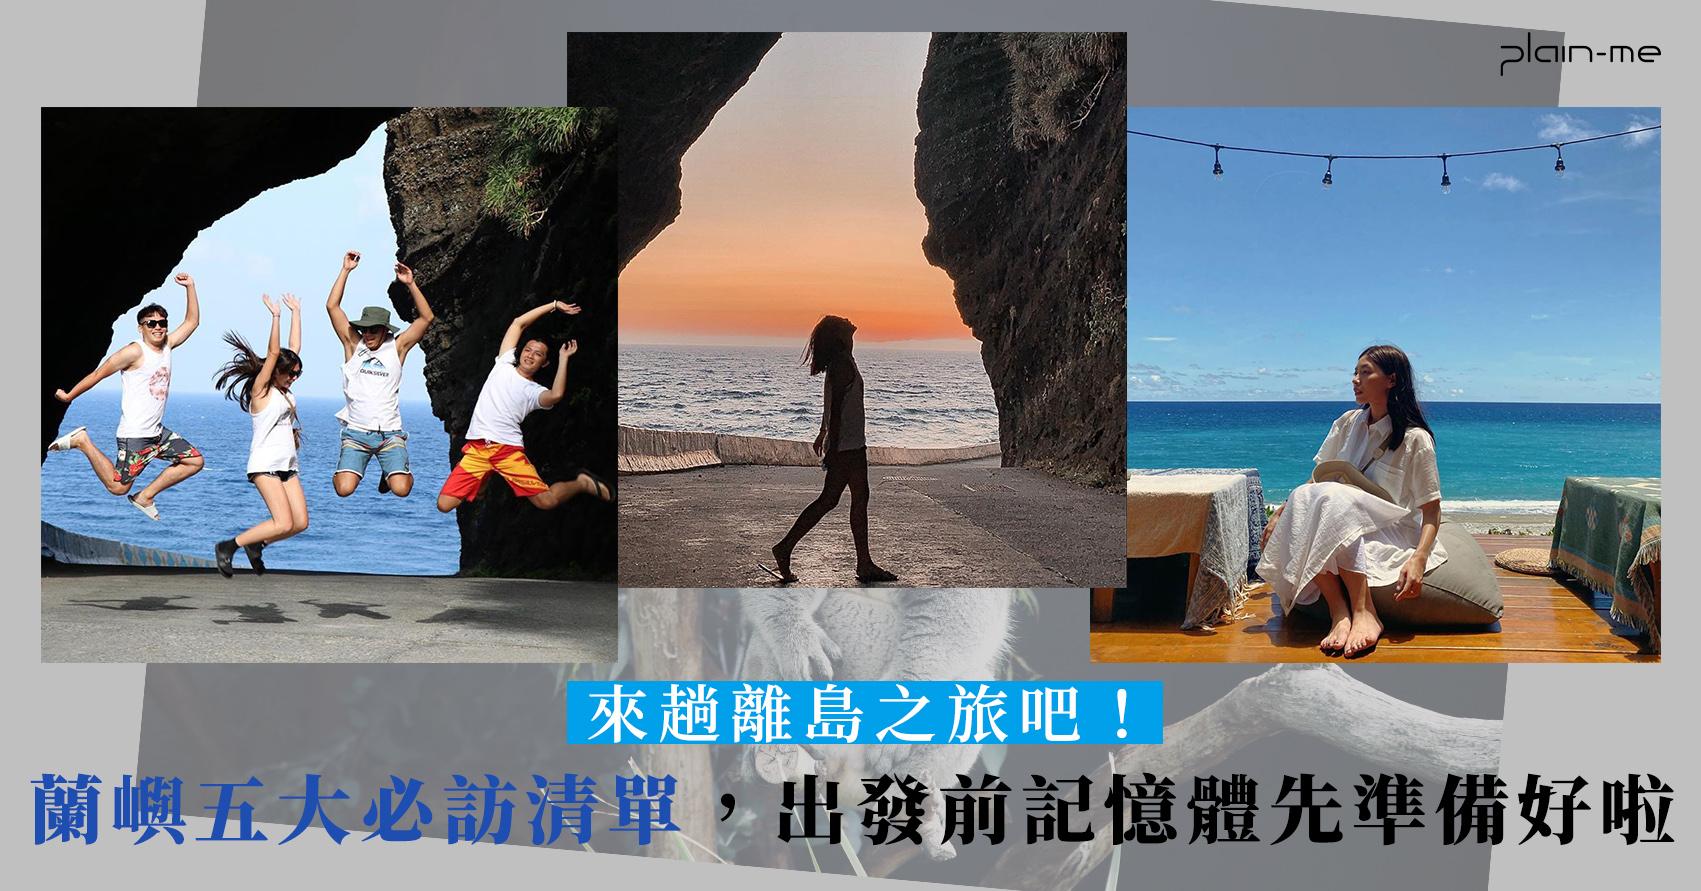 蘭嶼美食,蘭嶼旅遊,蘭嶼,蘭嶼景點,紅頭岩,椰油國小,乳頭山,蘭嶼旅人•Rover,東清秘境